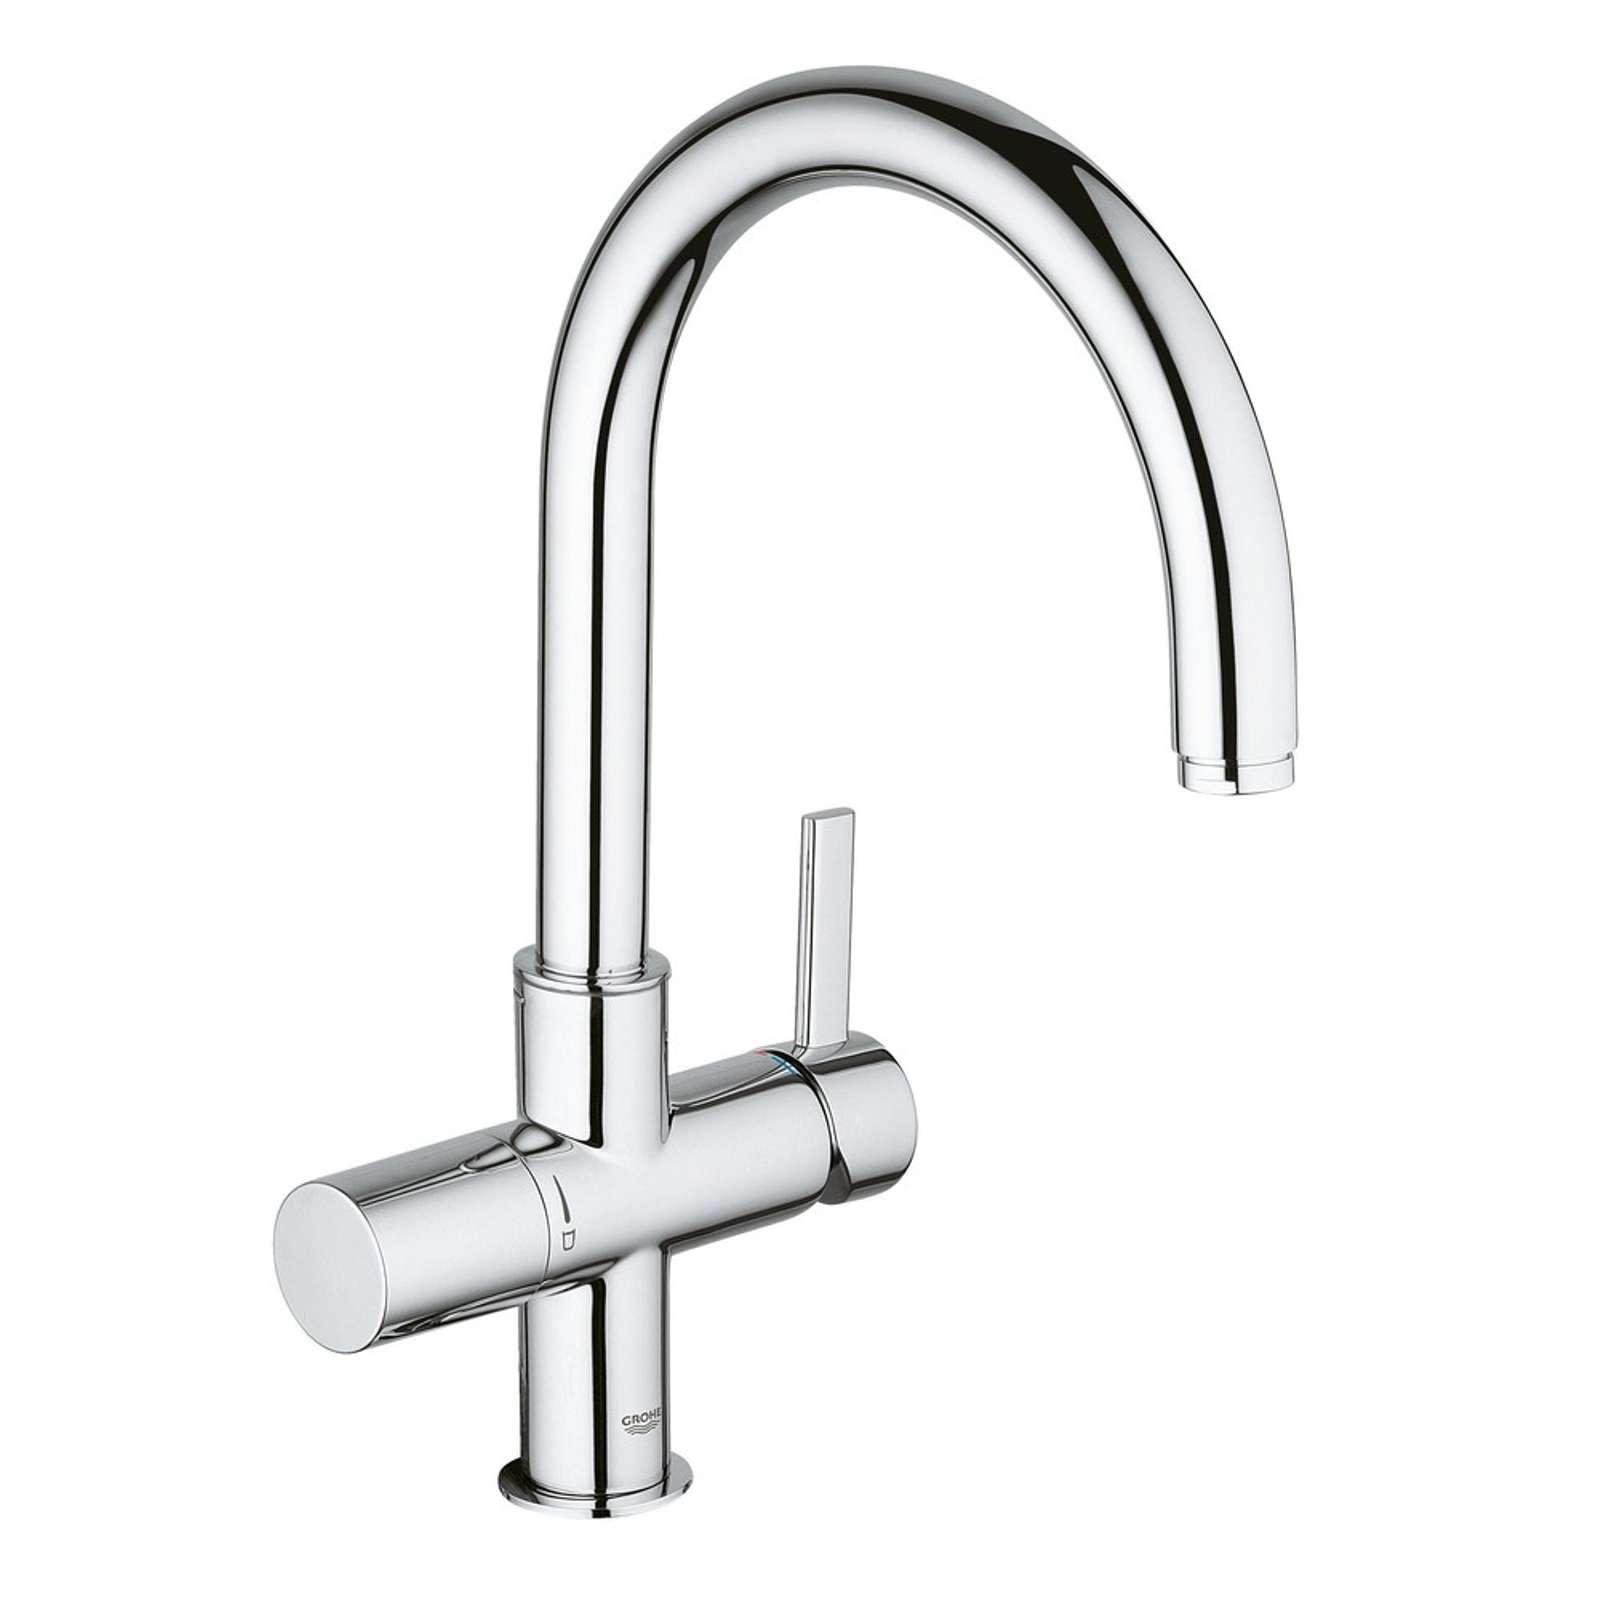 Где купить смеситель для кухни москва купить смесители в ванную и кухню